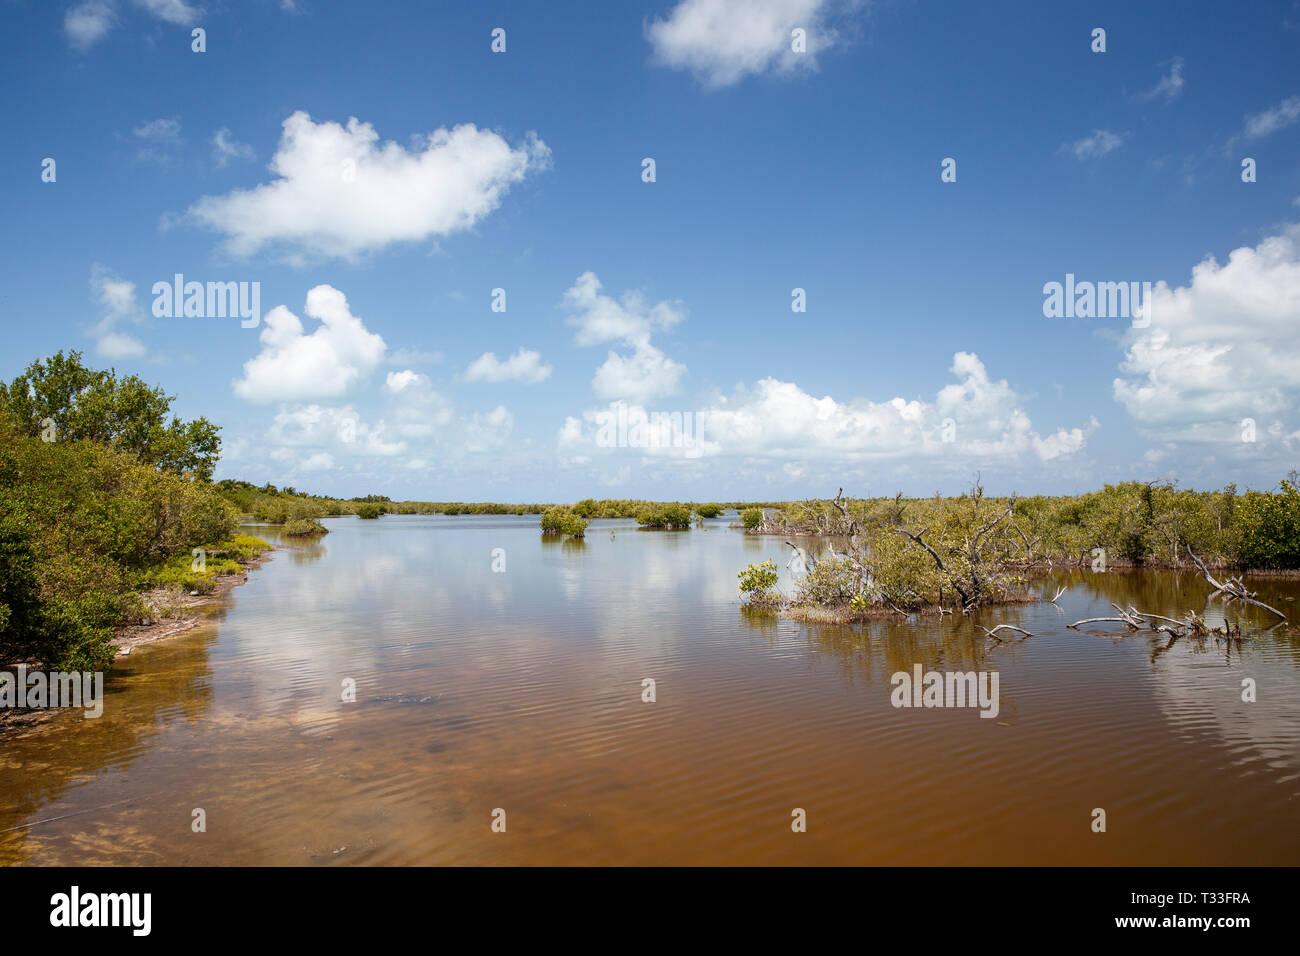 À l'intérieur de la lagune, l'Atoll de Chinchorro Banco Chinchorro, mer des Caraïbes, Mexique Banque D'Images